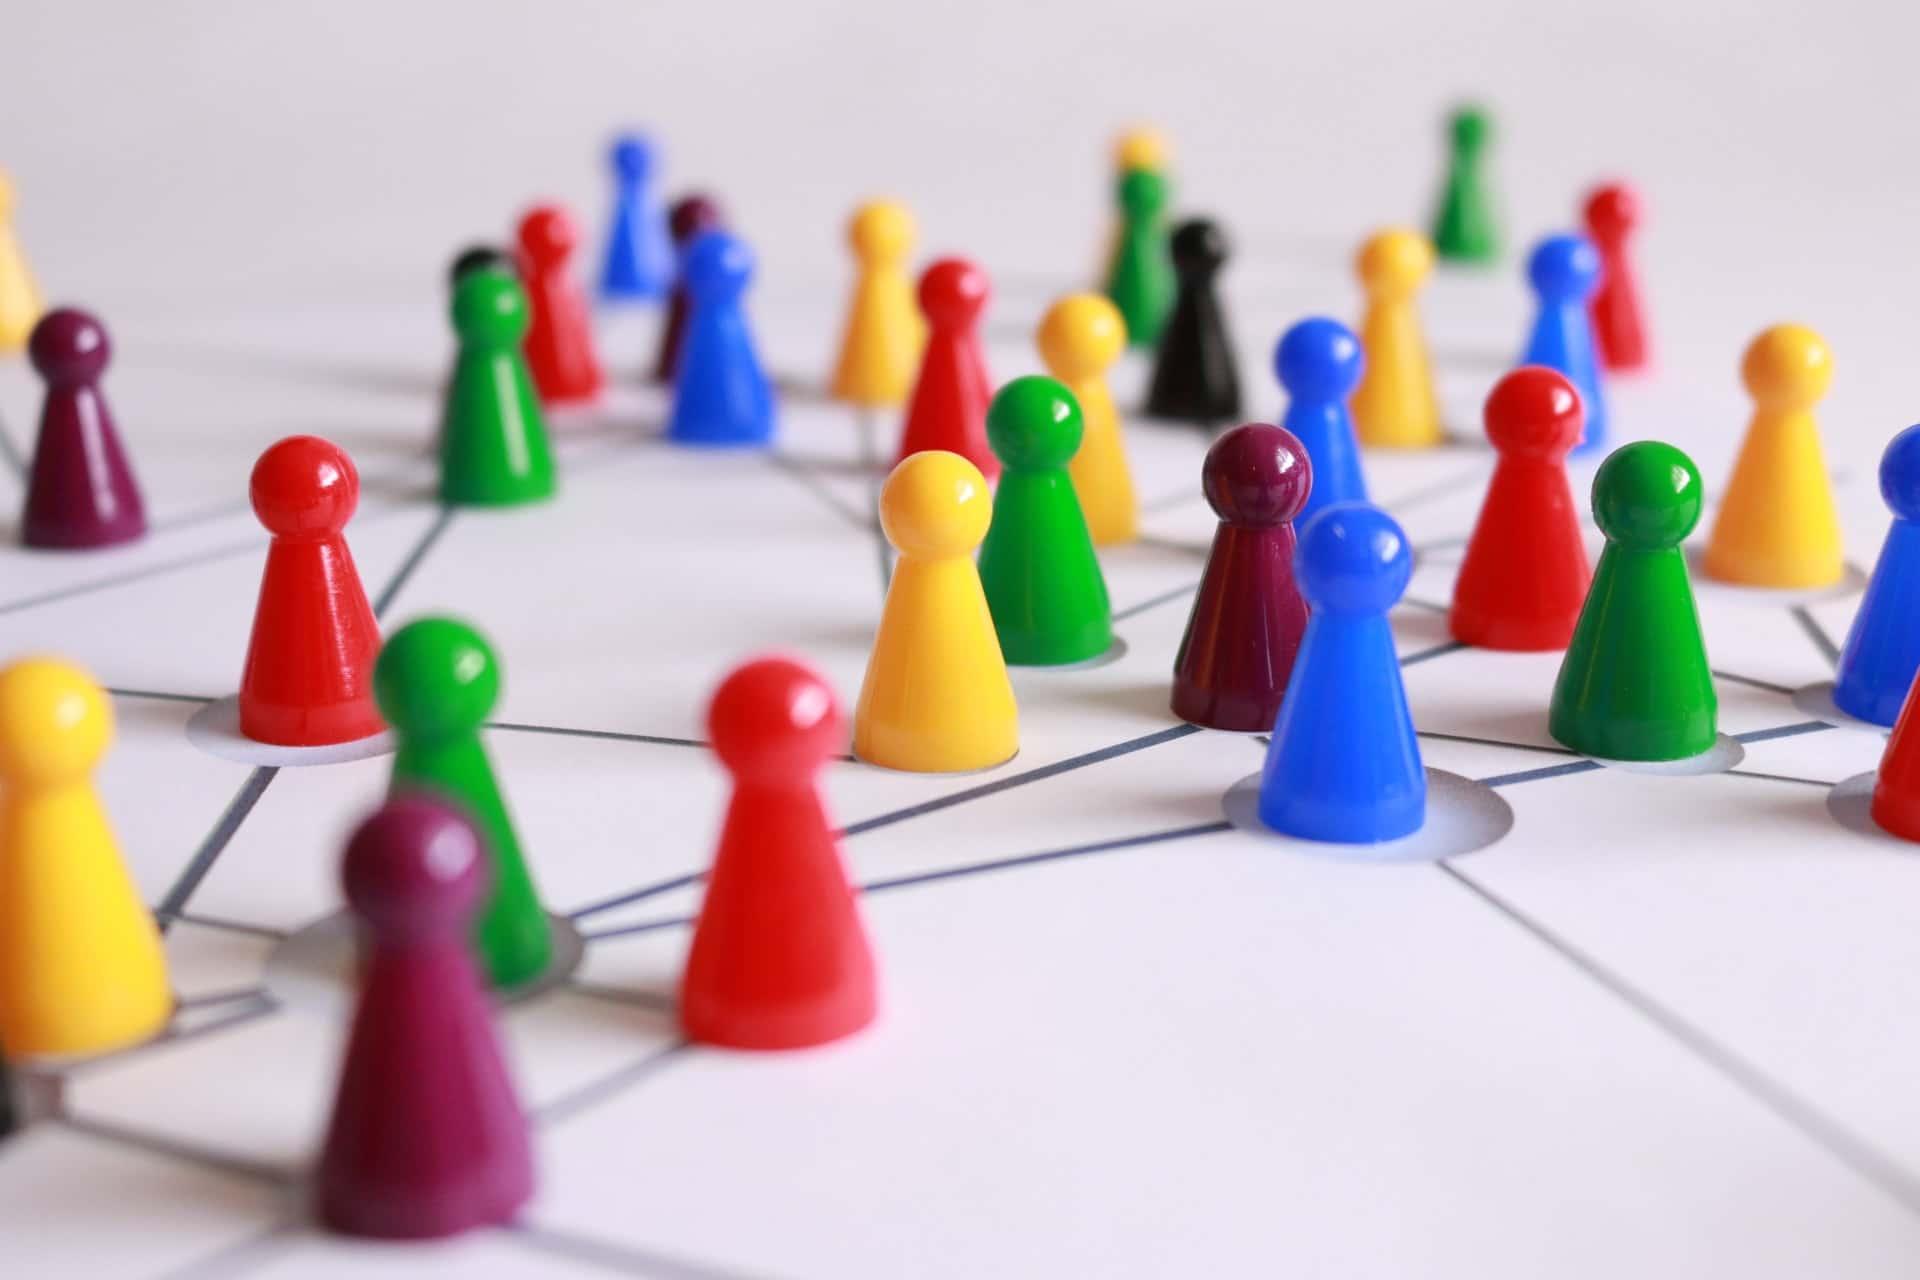 Entwicklungswerkstatt New Normal: Kollaboration und Vernetzung, CODE_n, Startup, Innovation, Industrie 4.0